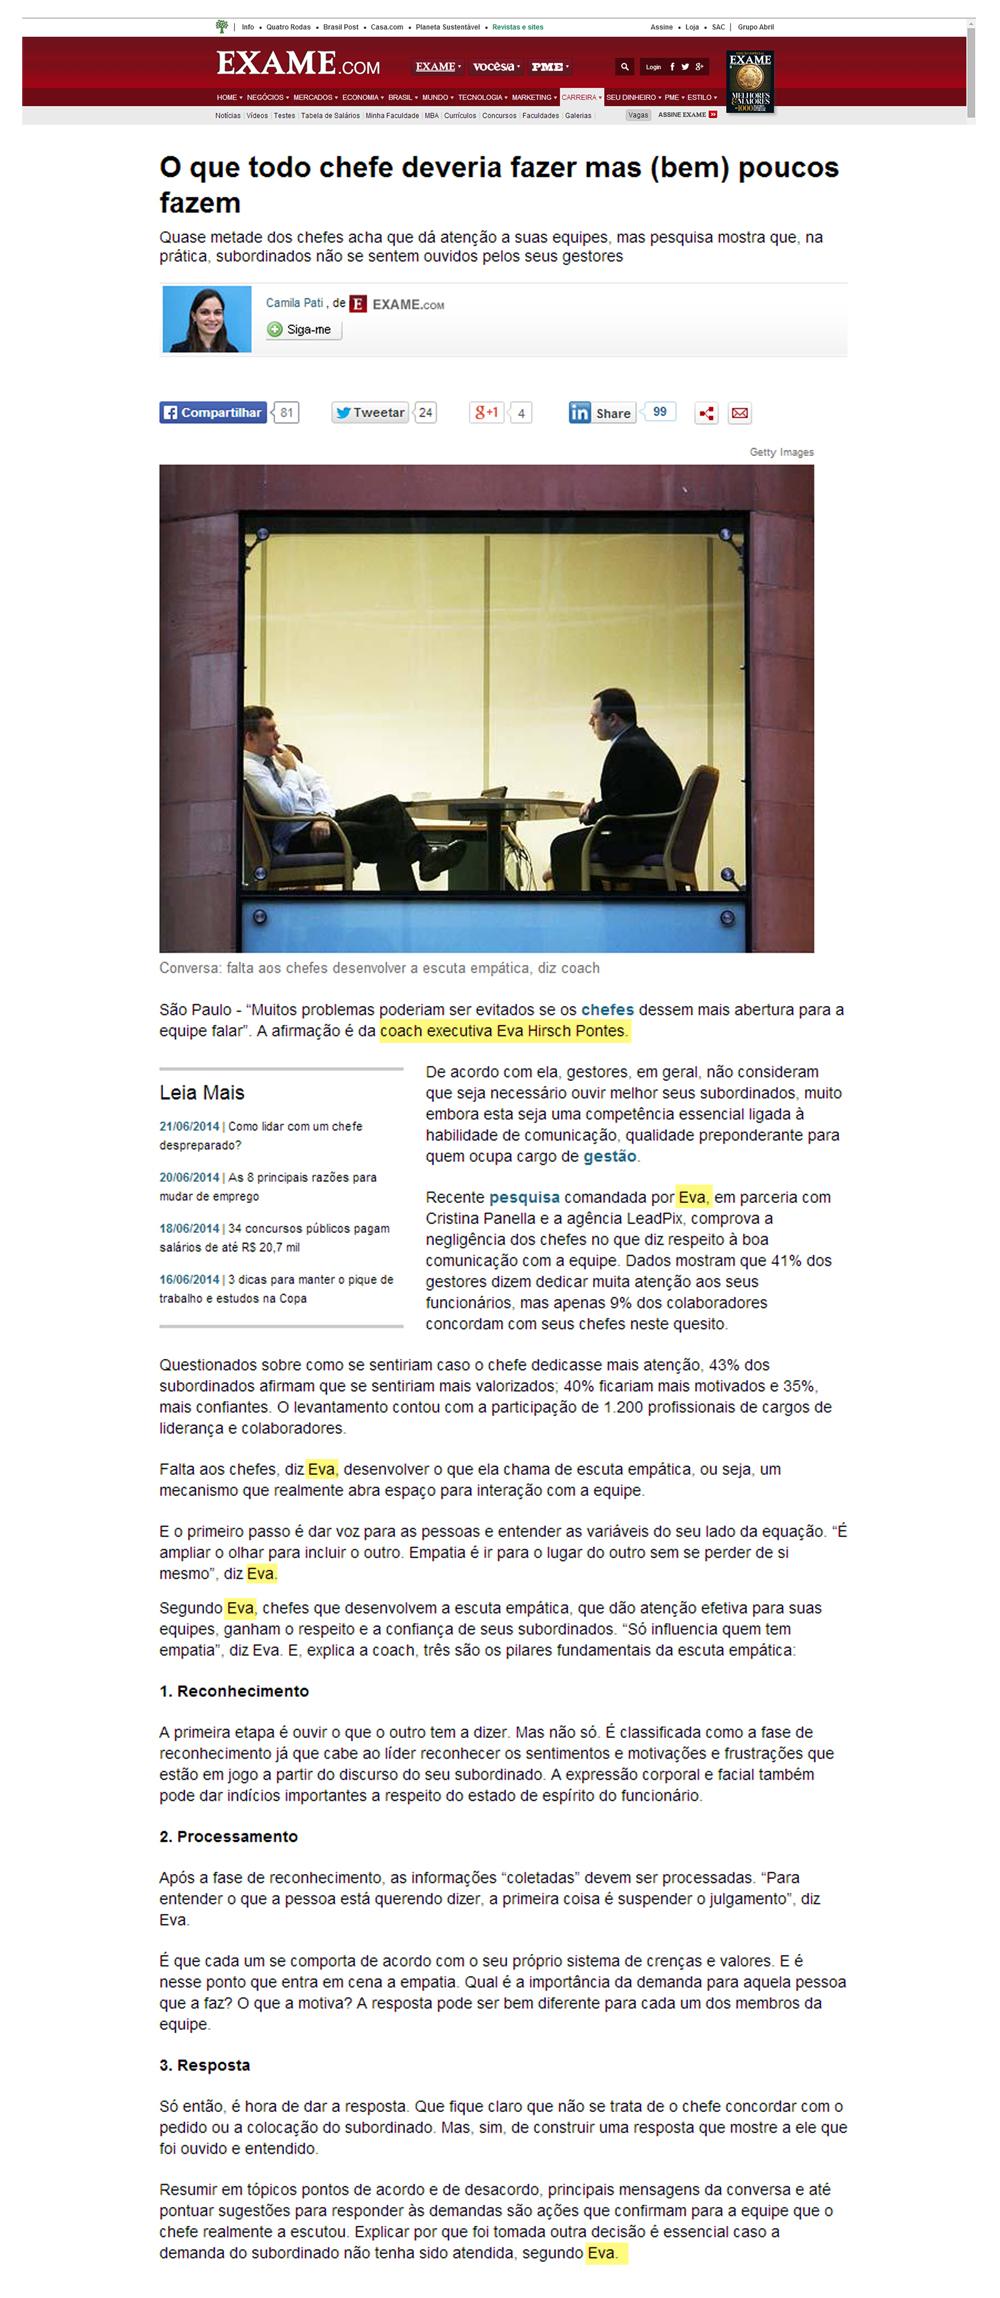 Portal_Exame_Carreira_24-06-2014